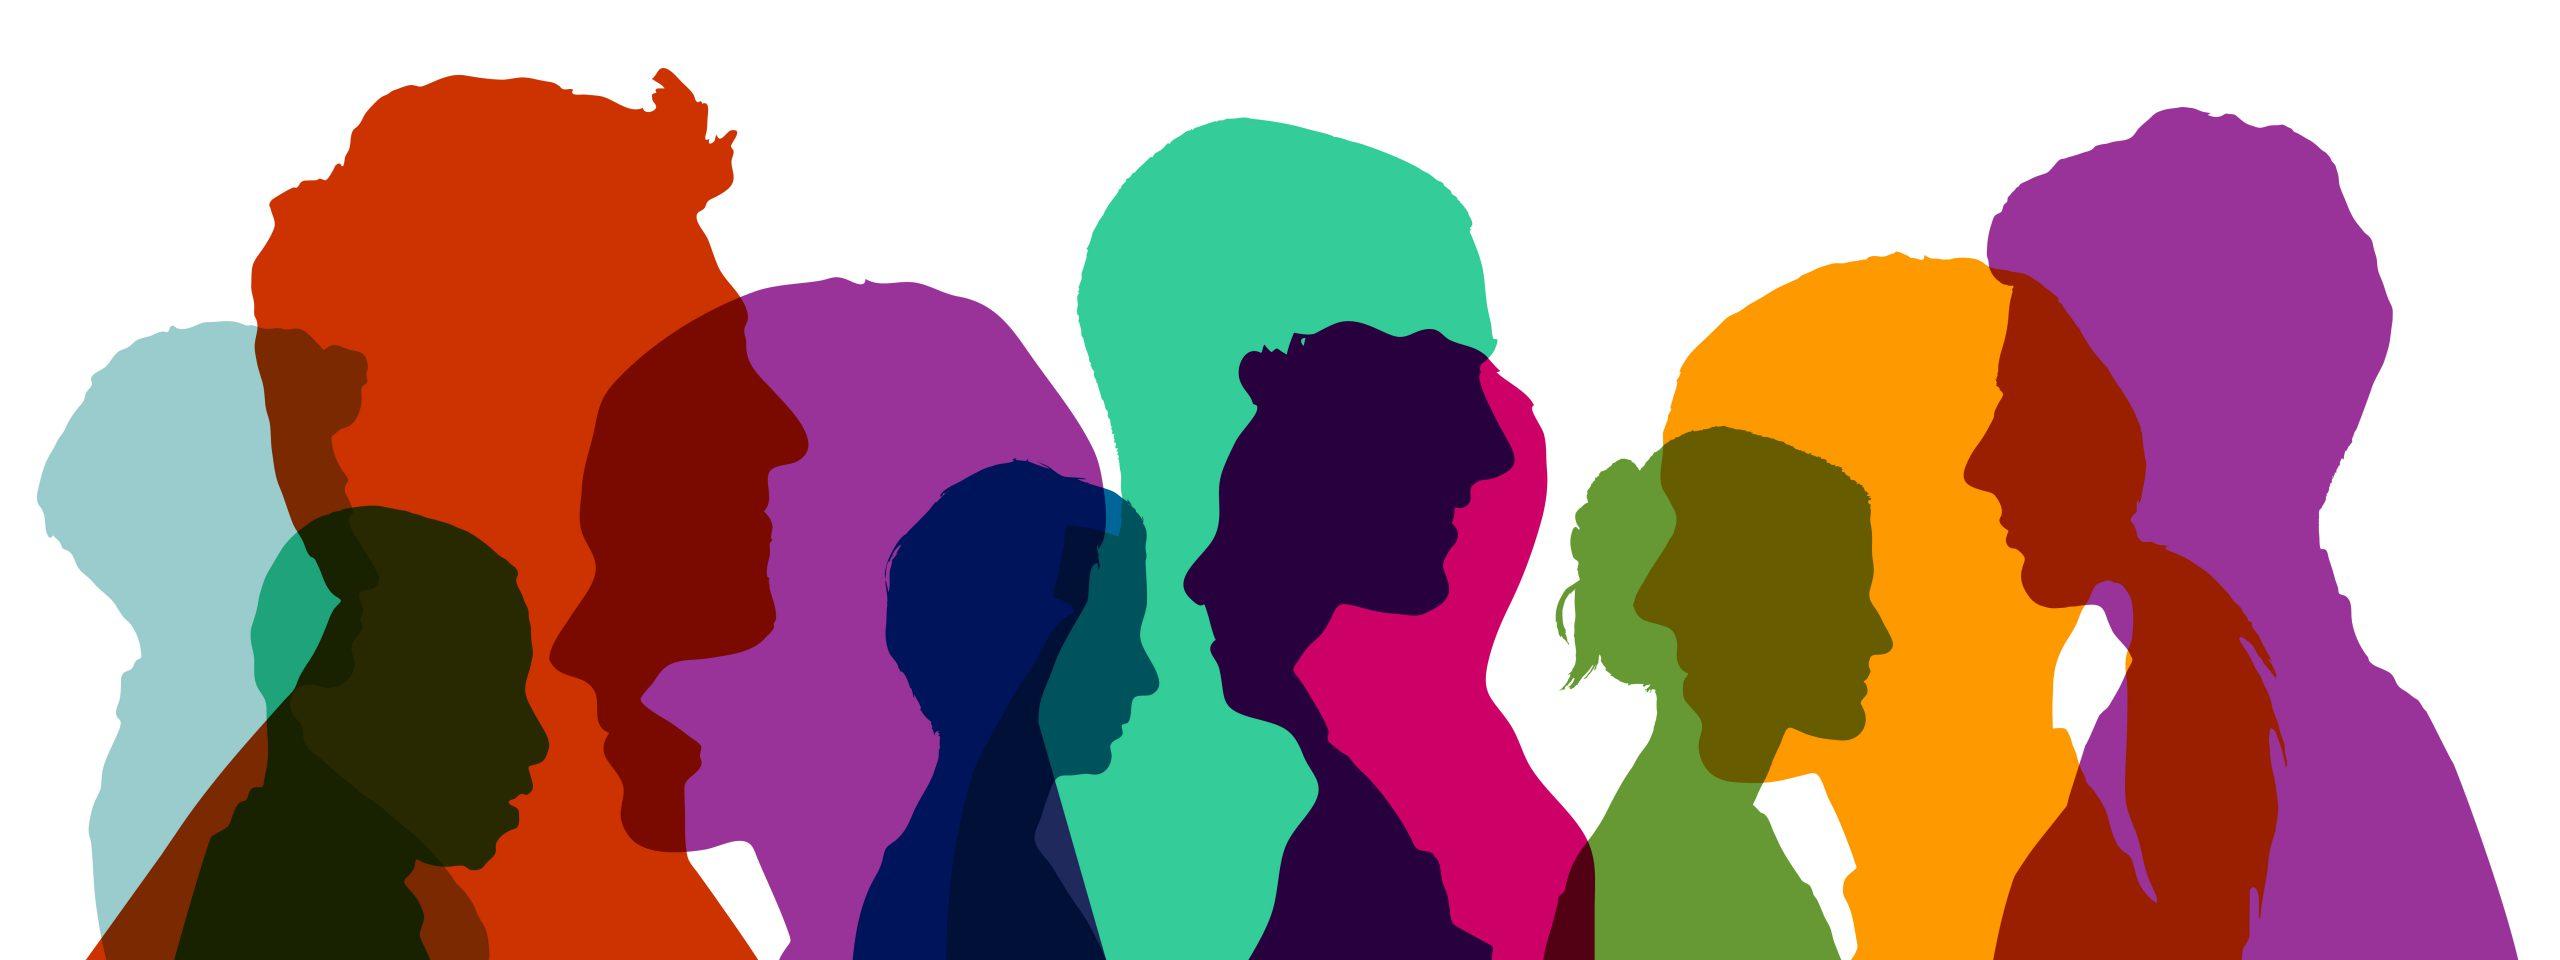 Gruppe von Köpfen in verschiedenen bunten Farben als Team